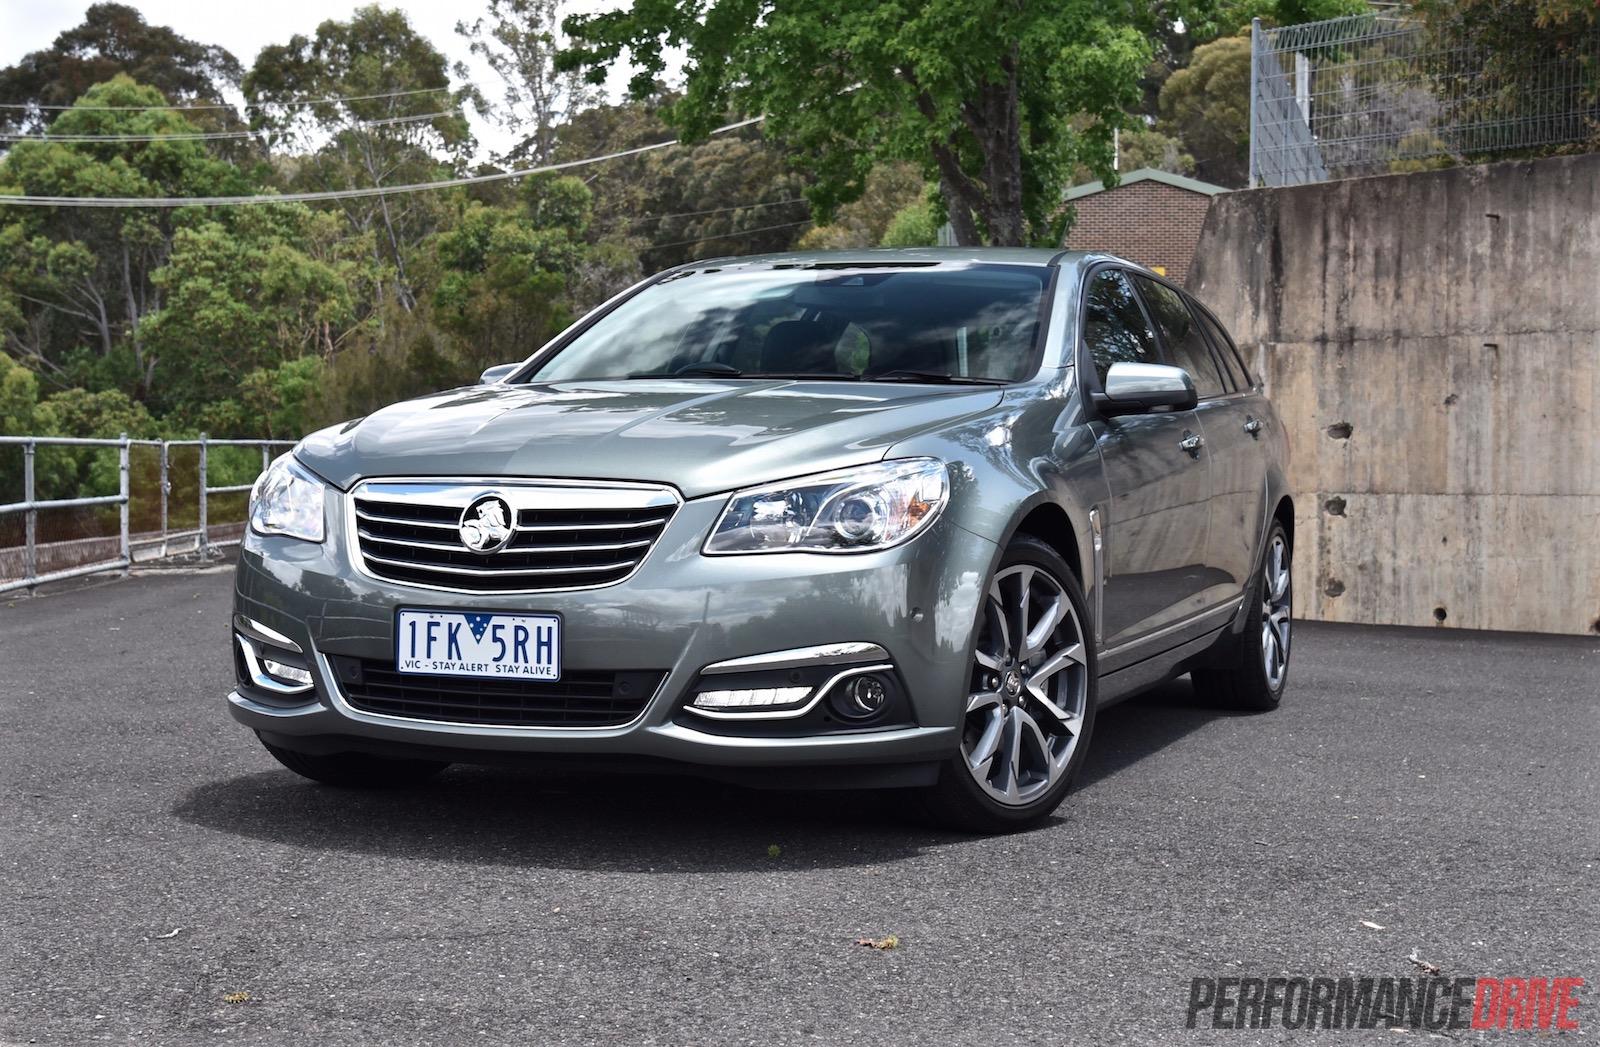 2016 Holden Calais V Sportwagon Vf Ii V8 Review Video